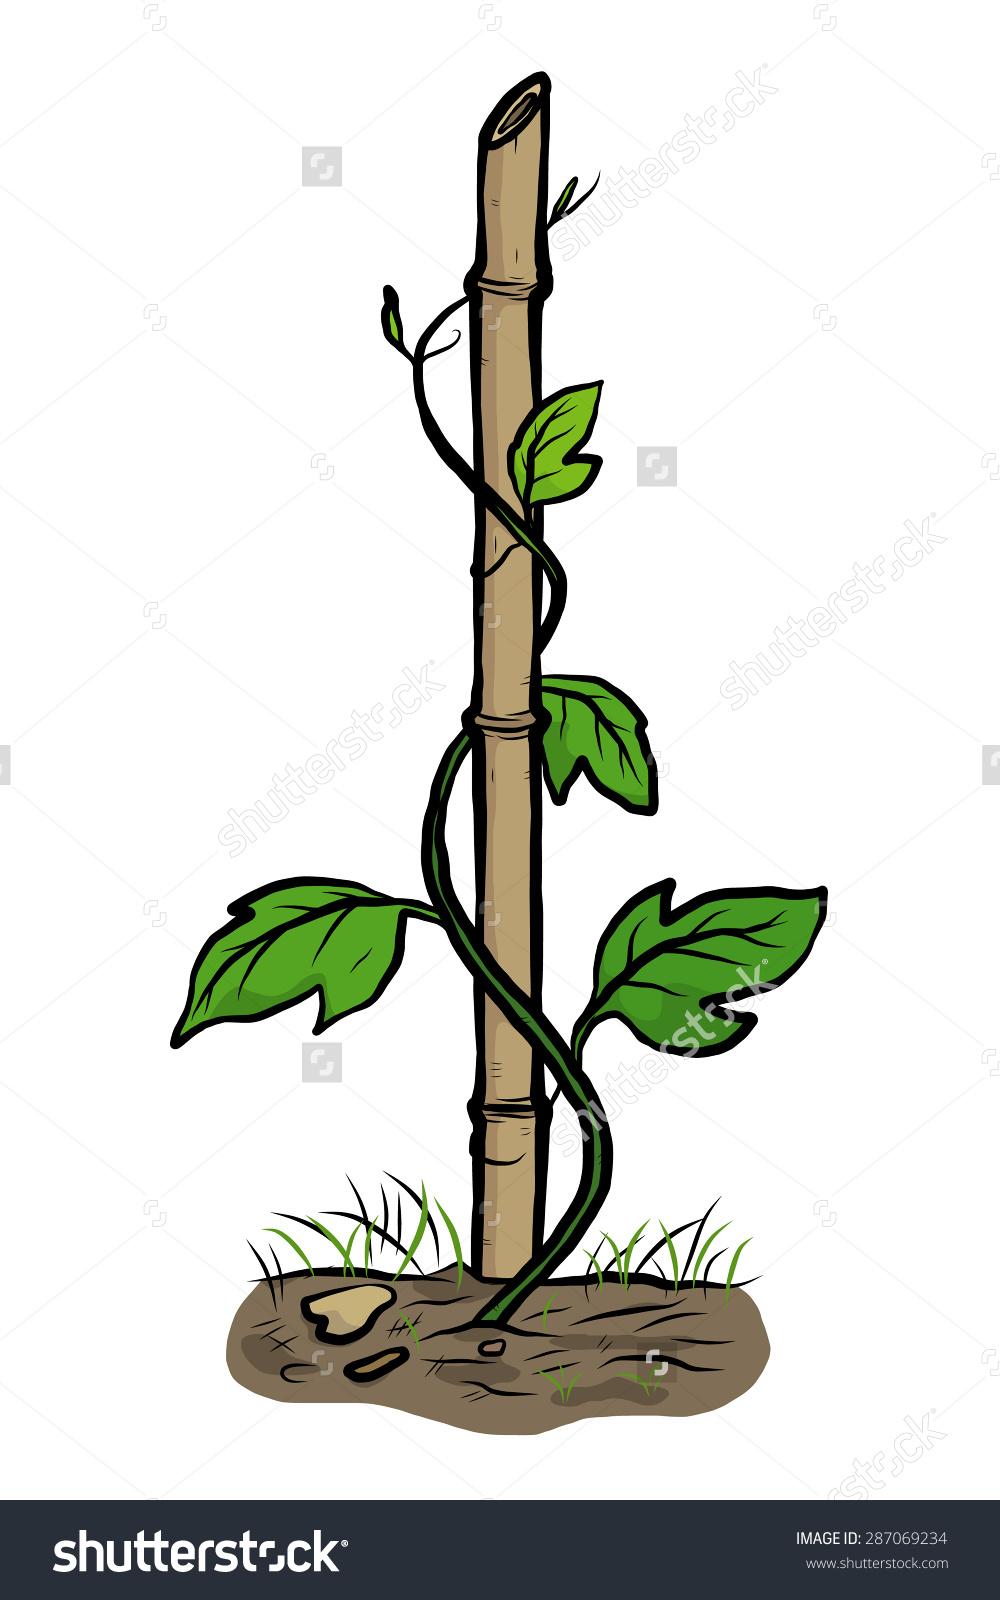 Climber Plants Creeping Bamboo Cartoon Vector Stock Vector.